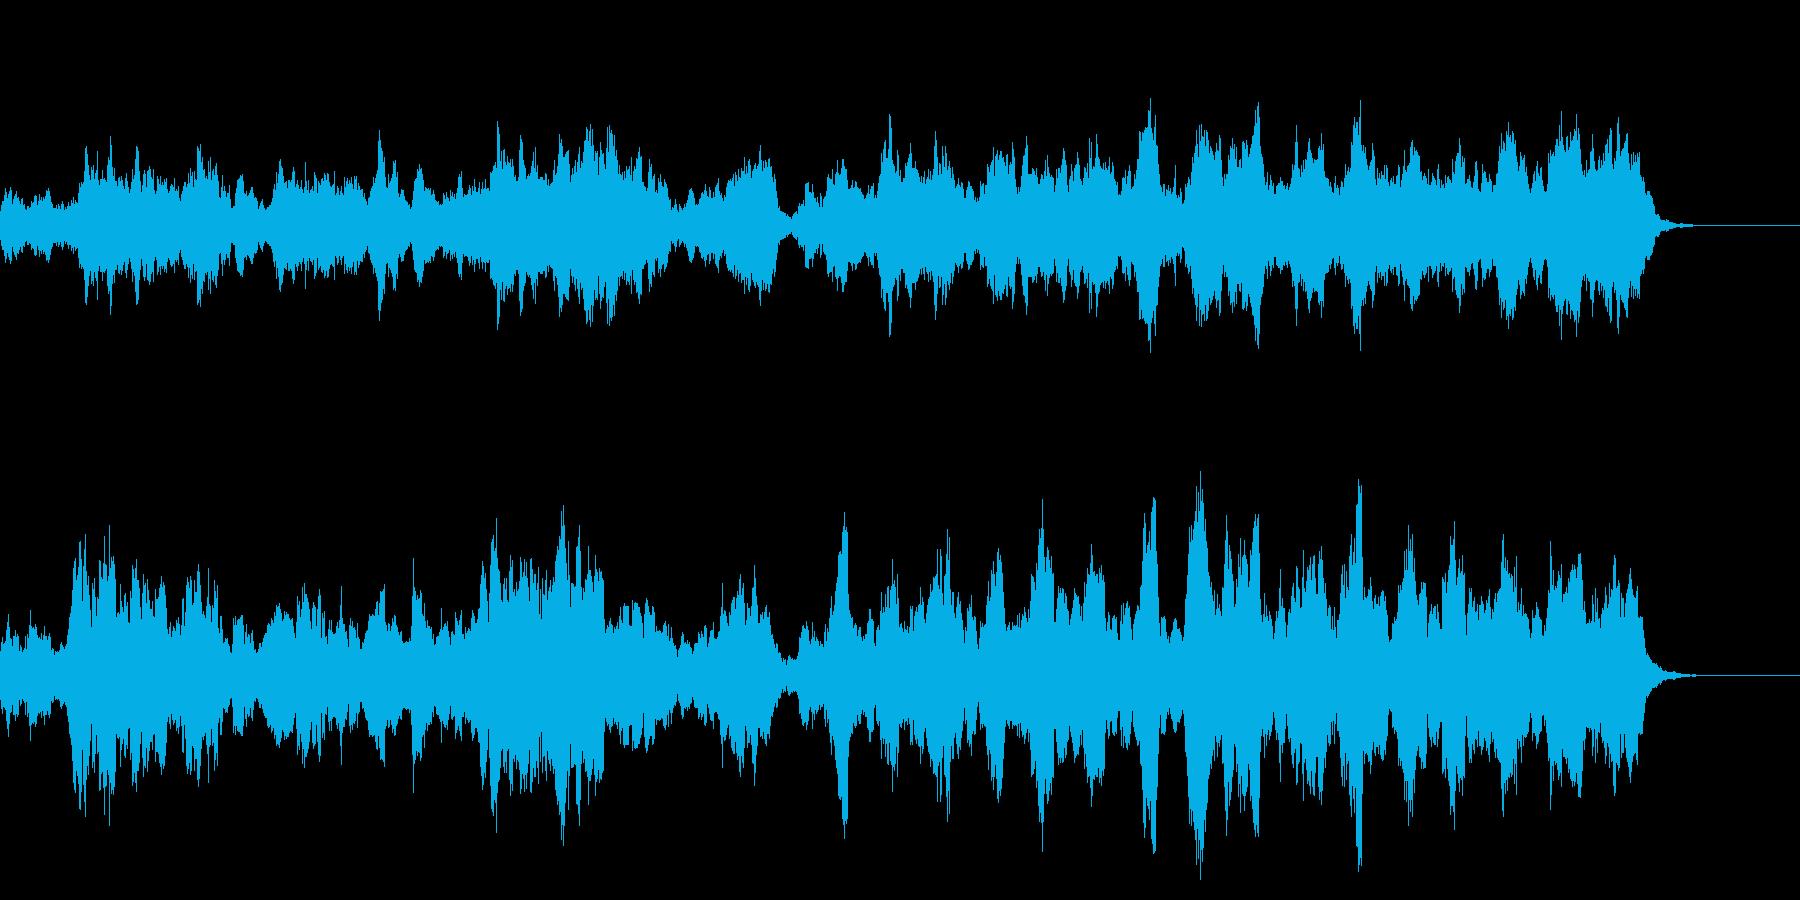 王宮 お城 王様 トランペットの再生済みの波形